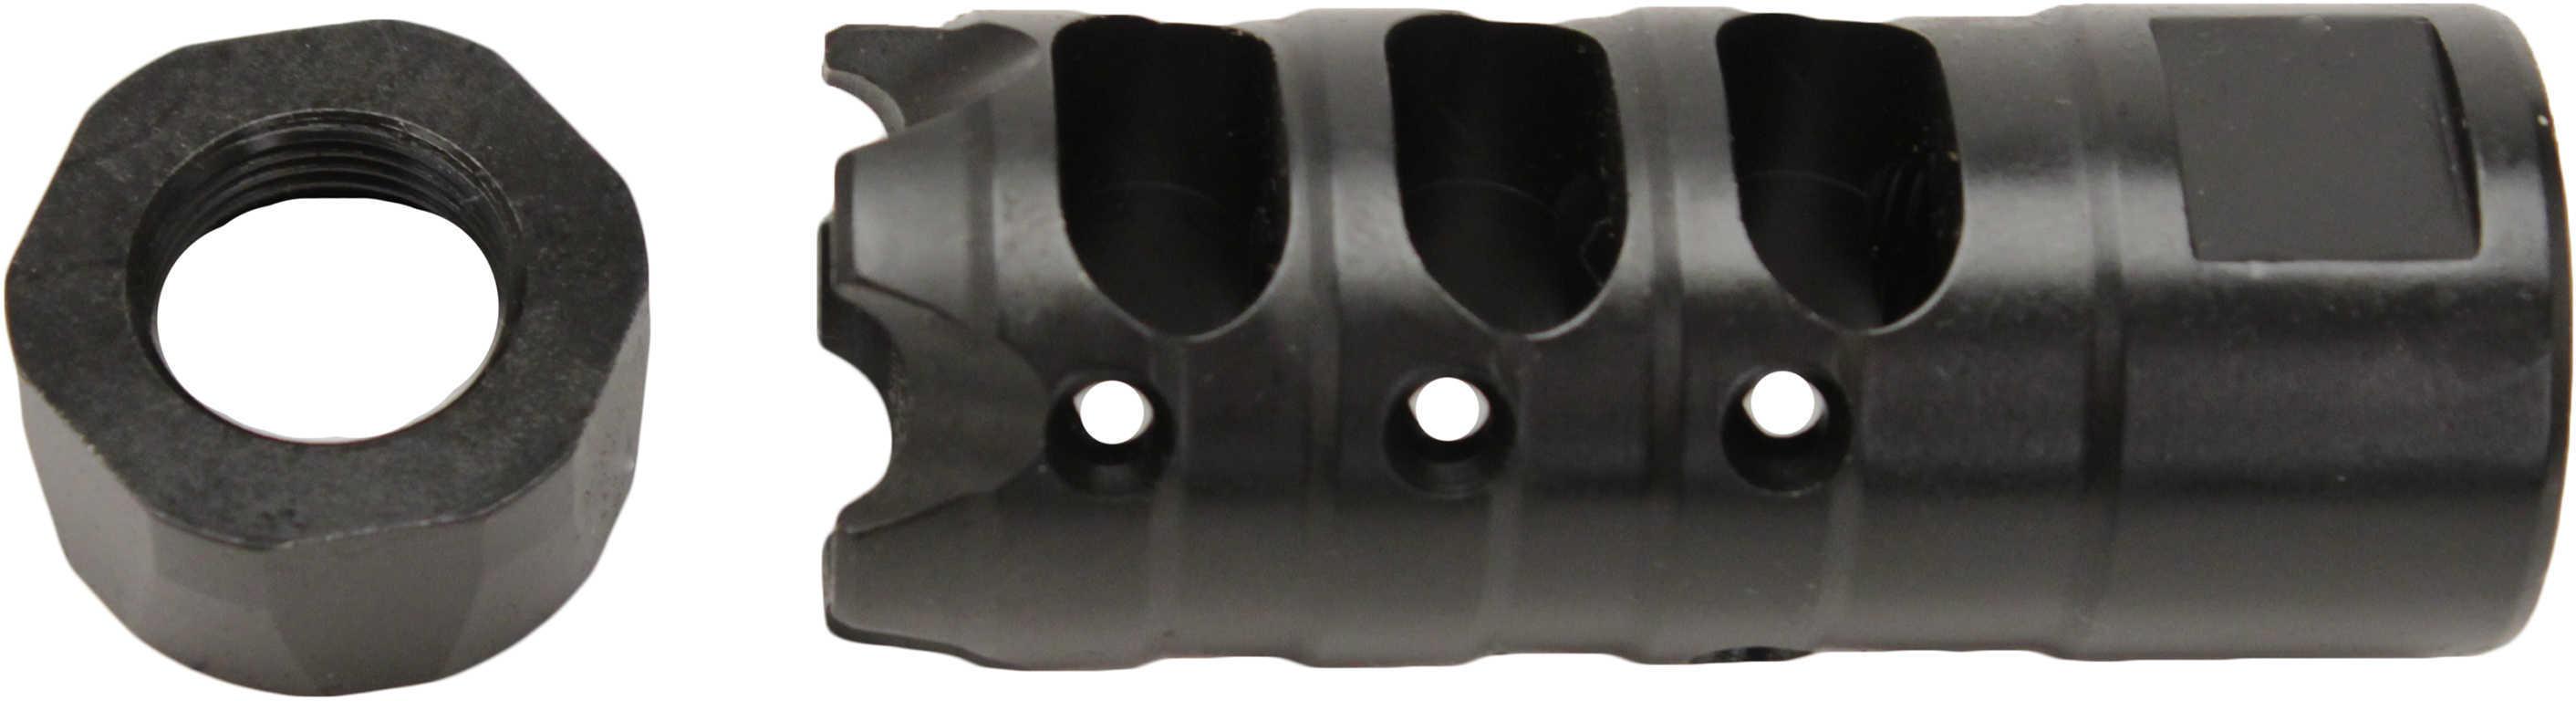 Muzzle Brake & Locknut Kit 223 Md: 00308